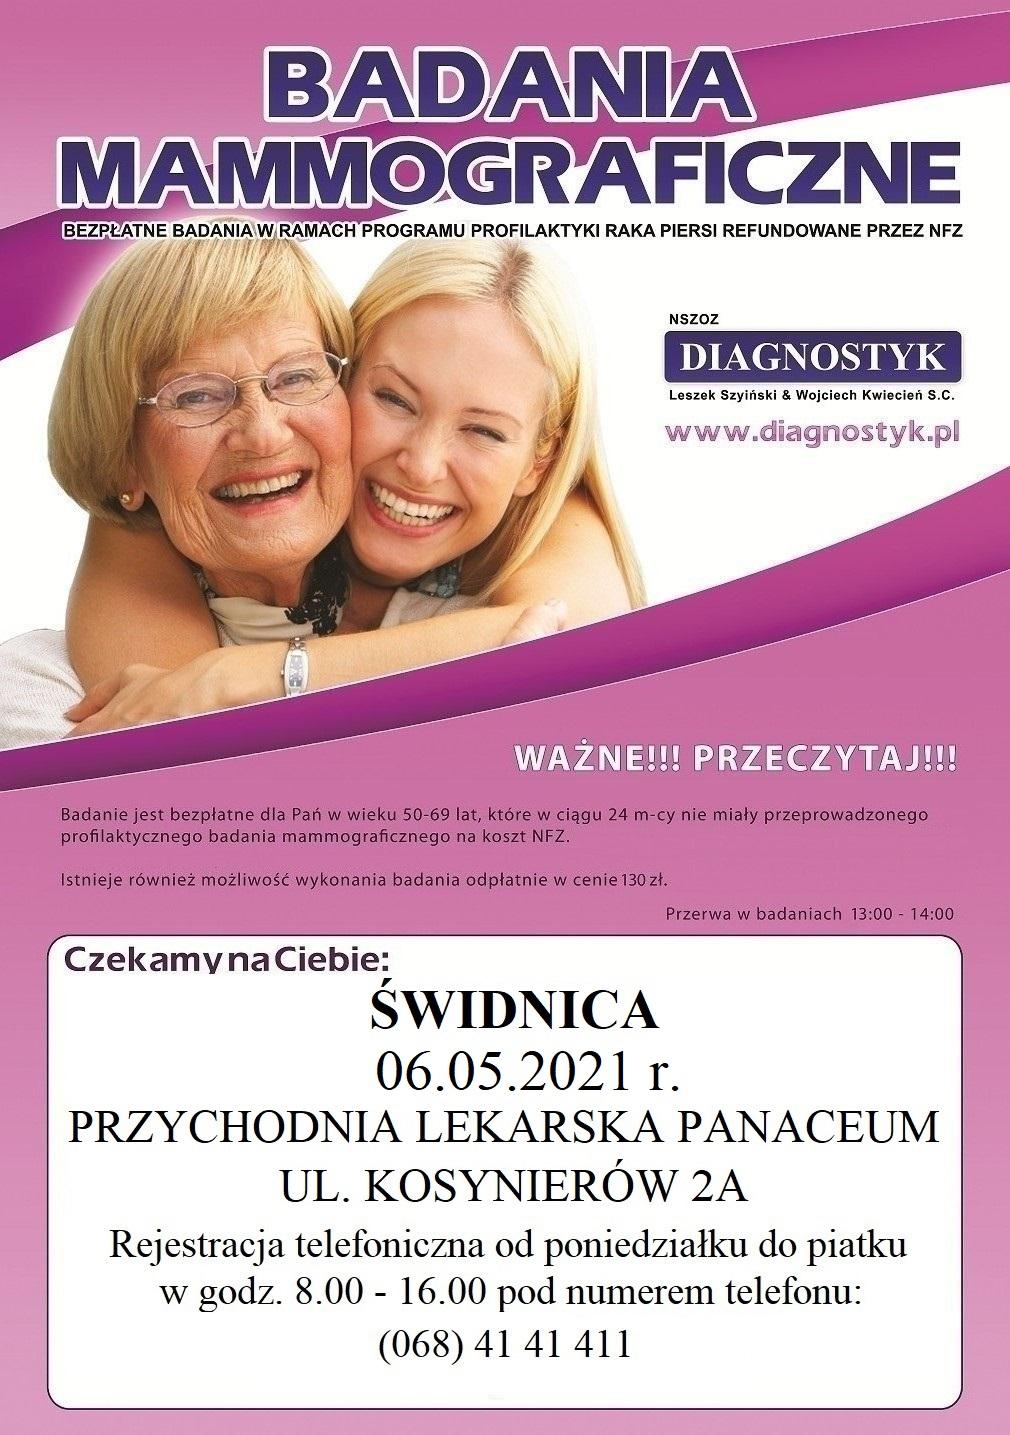 Plakat promujący badania mammograficzne w Świdnicy